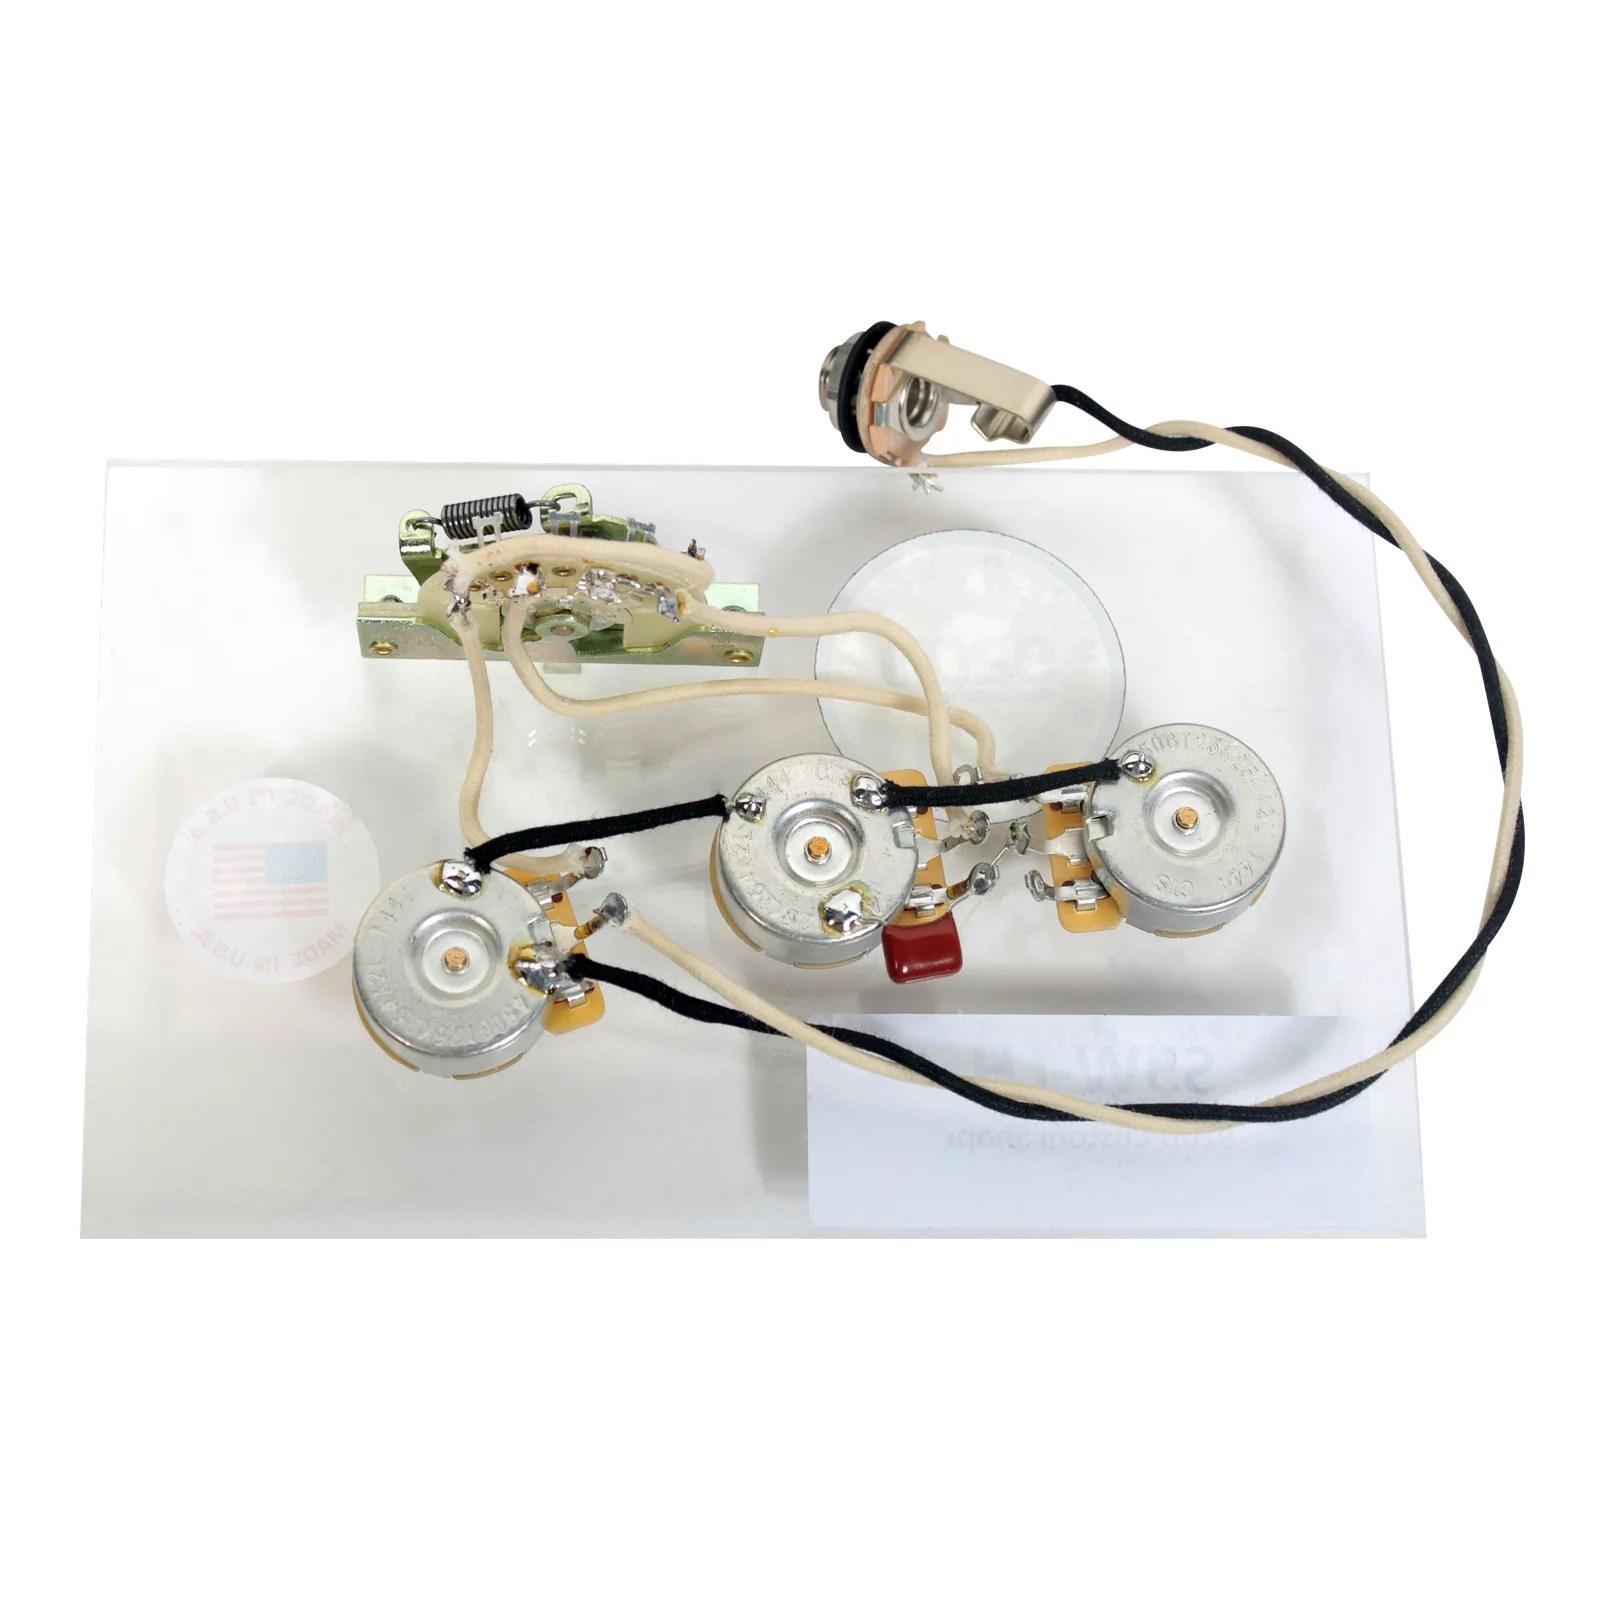 medium resolution of 920d custom shop strat stratocaster left handed 5 way wiring harness 920d custom shop strat stratocaster